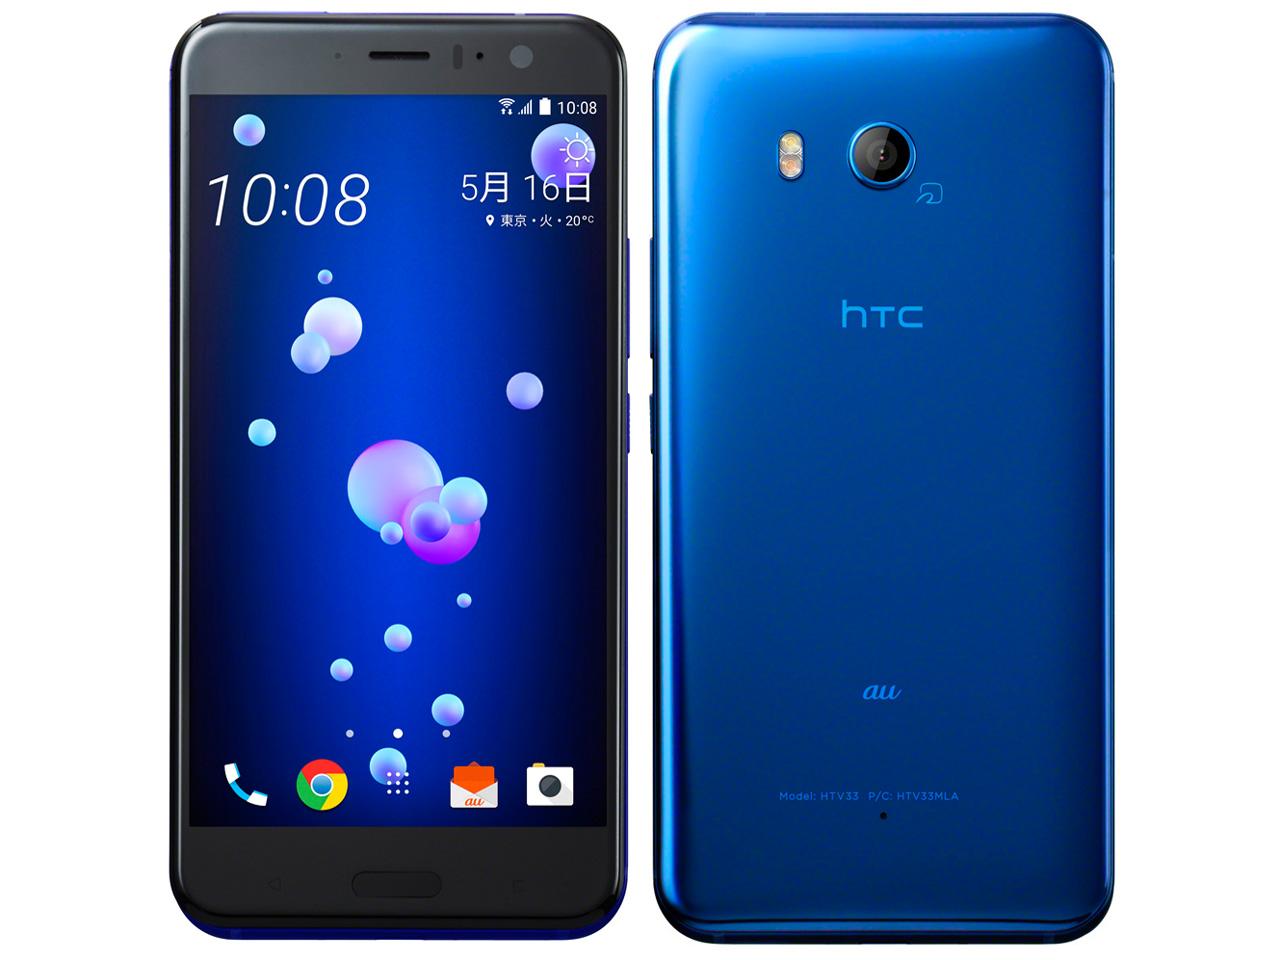 【新品・白ロム・本体】SIMロック解除済 au HTC U11 HTV33 サファイアブルー スマートフォン 携帯電話 HTV33 htv33